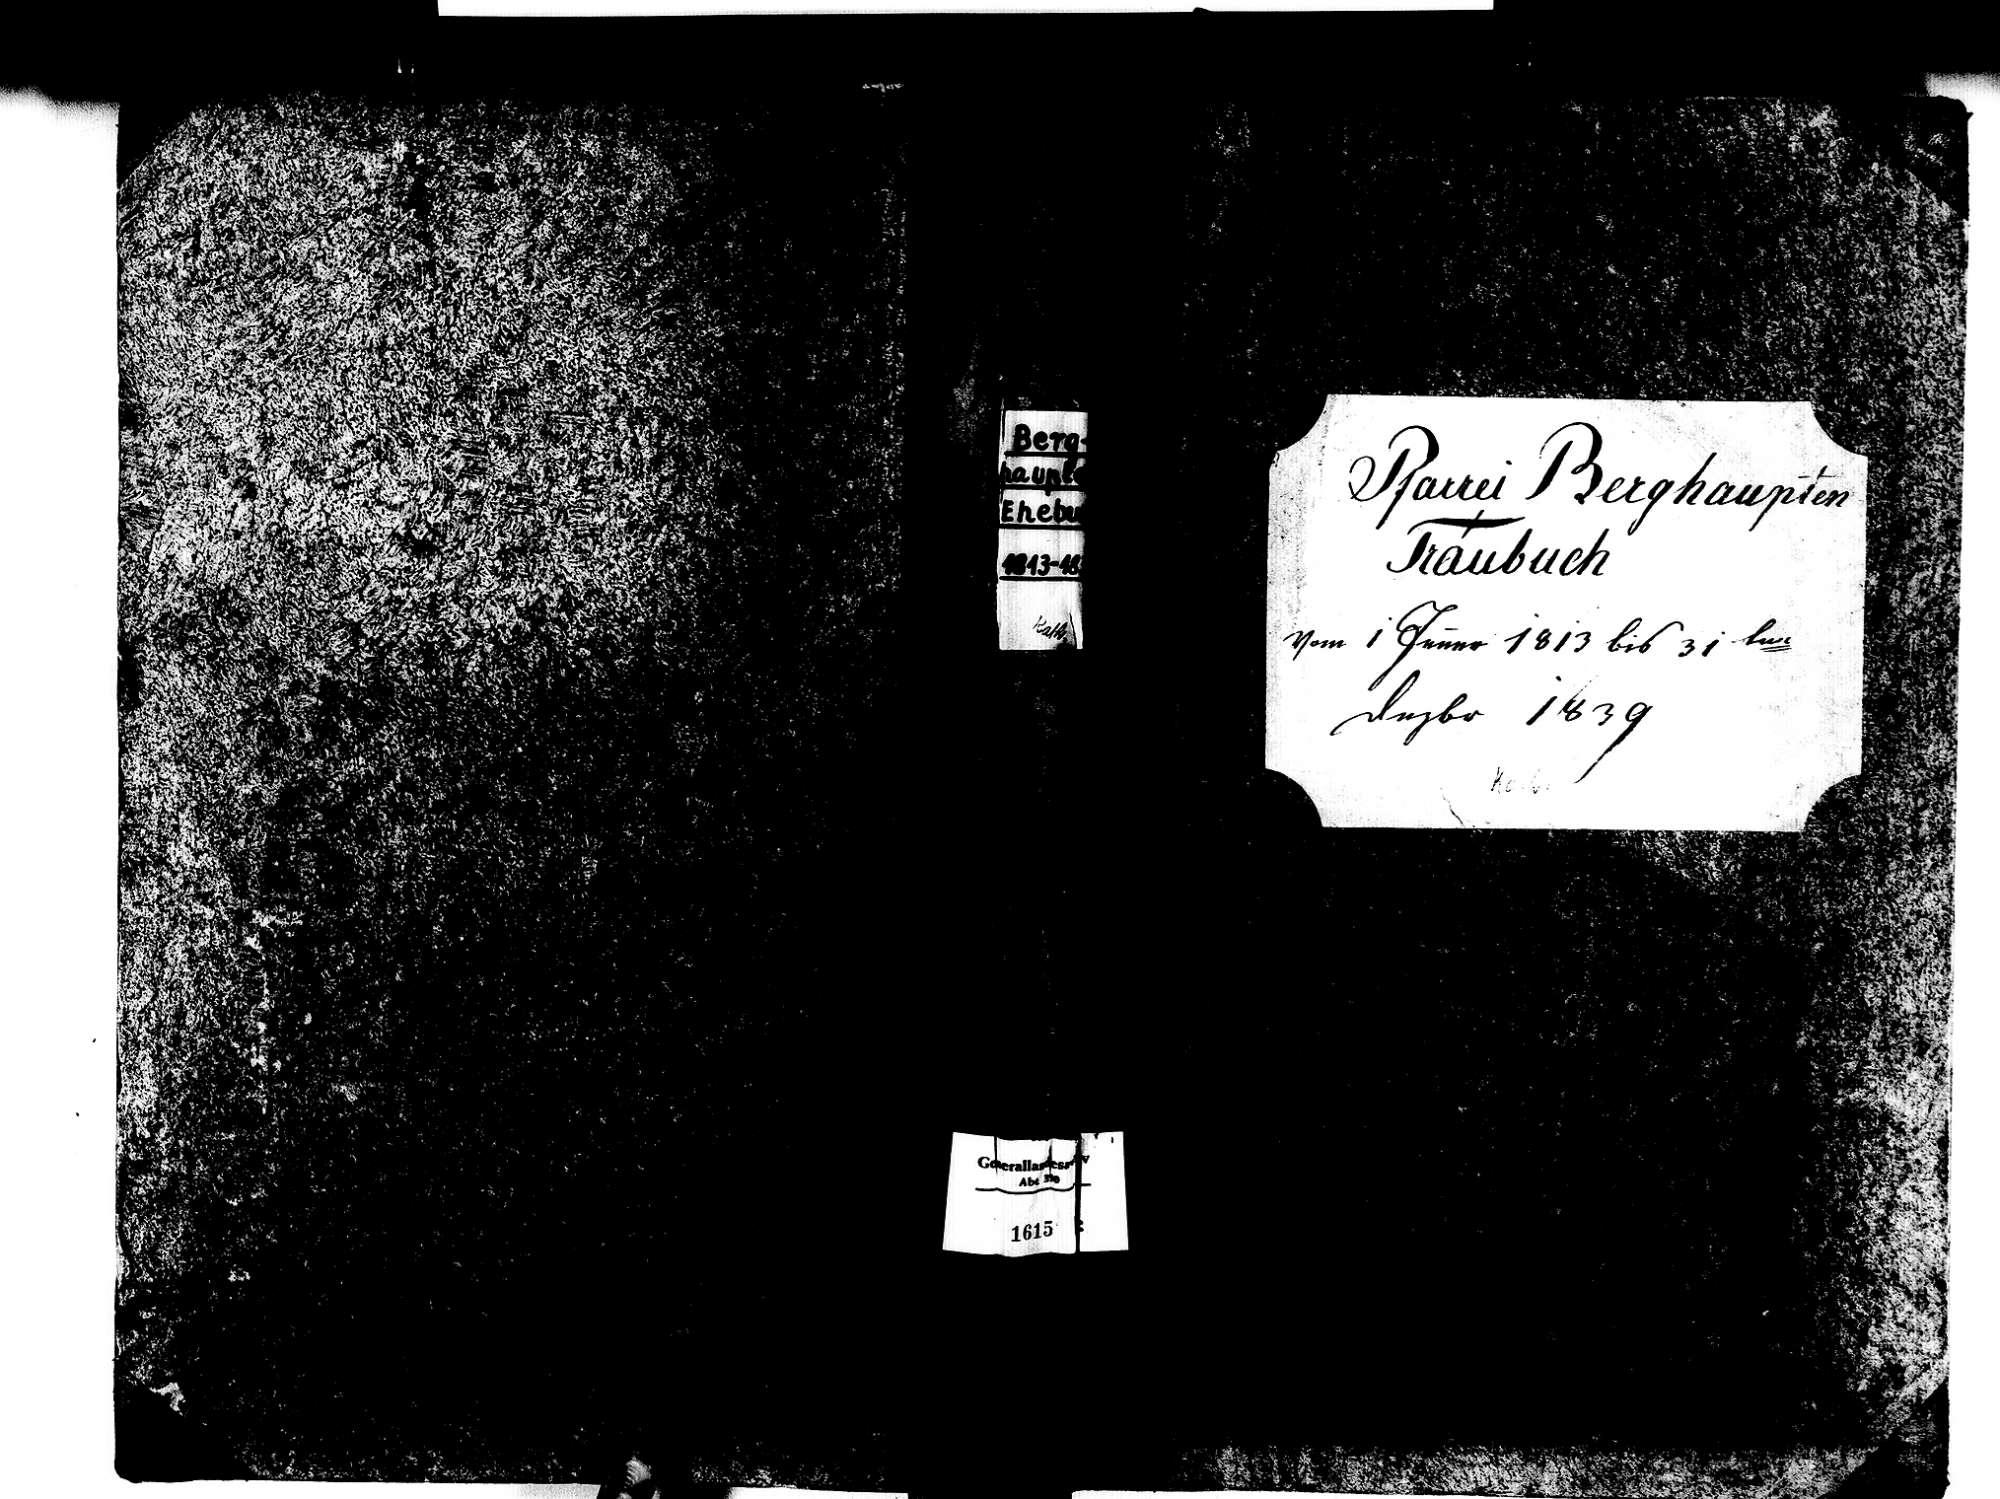 Berghaupten OG; Katholische Gemeinde: Heiratsbuch 1813-1839 Enthält: Einzelne Evangelische Einträge, Bild 1